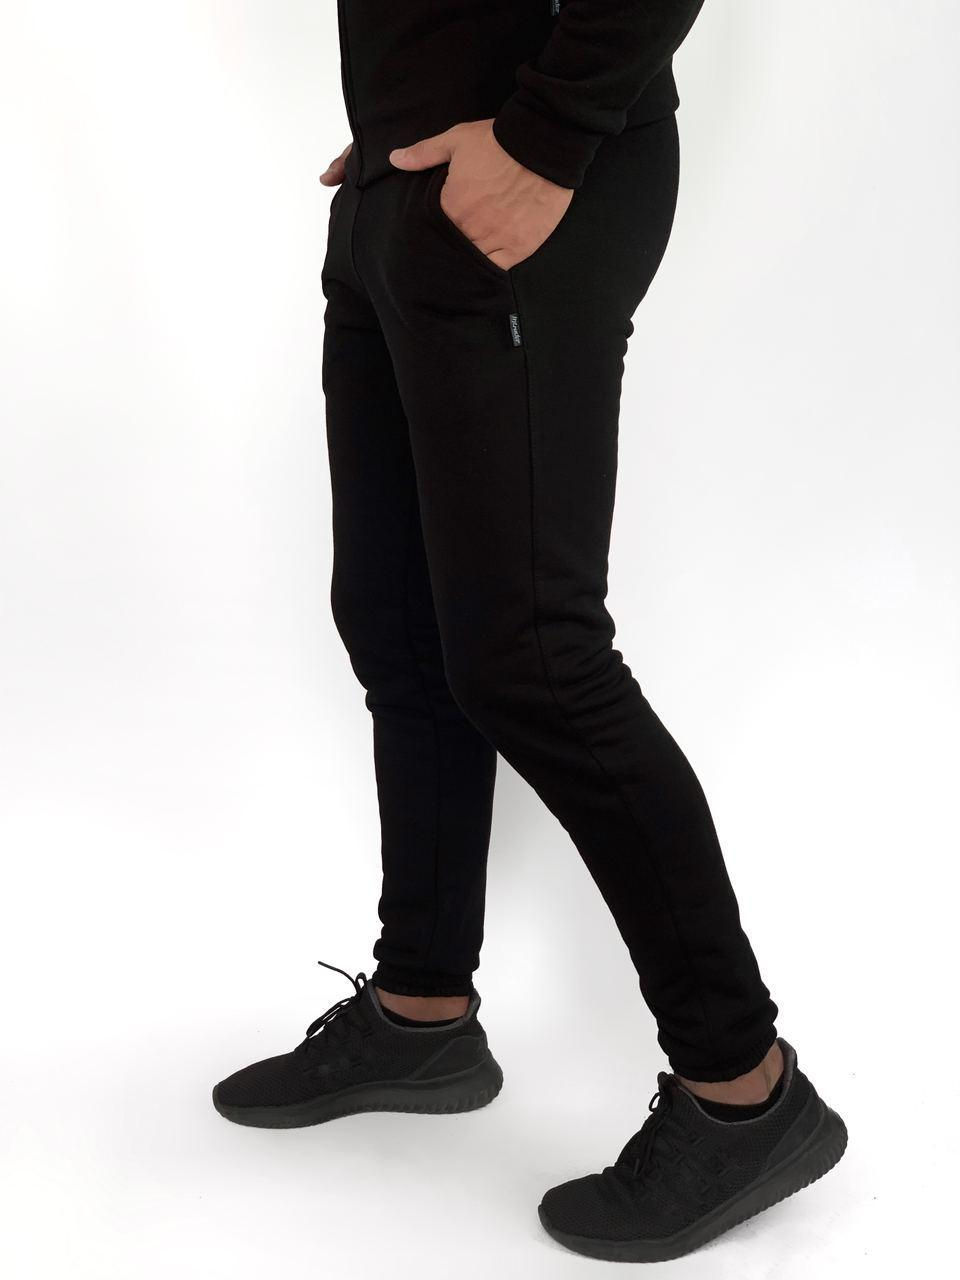 Мужские трикотажные штаны Intruder, трикотажные спортивные штаны